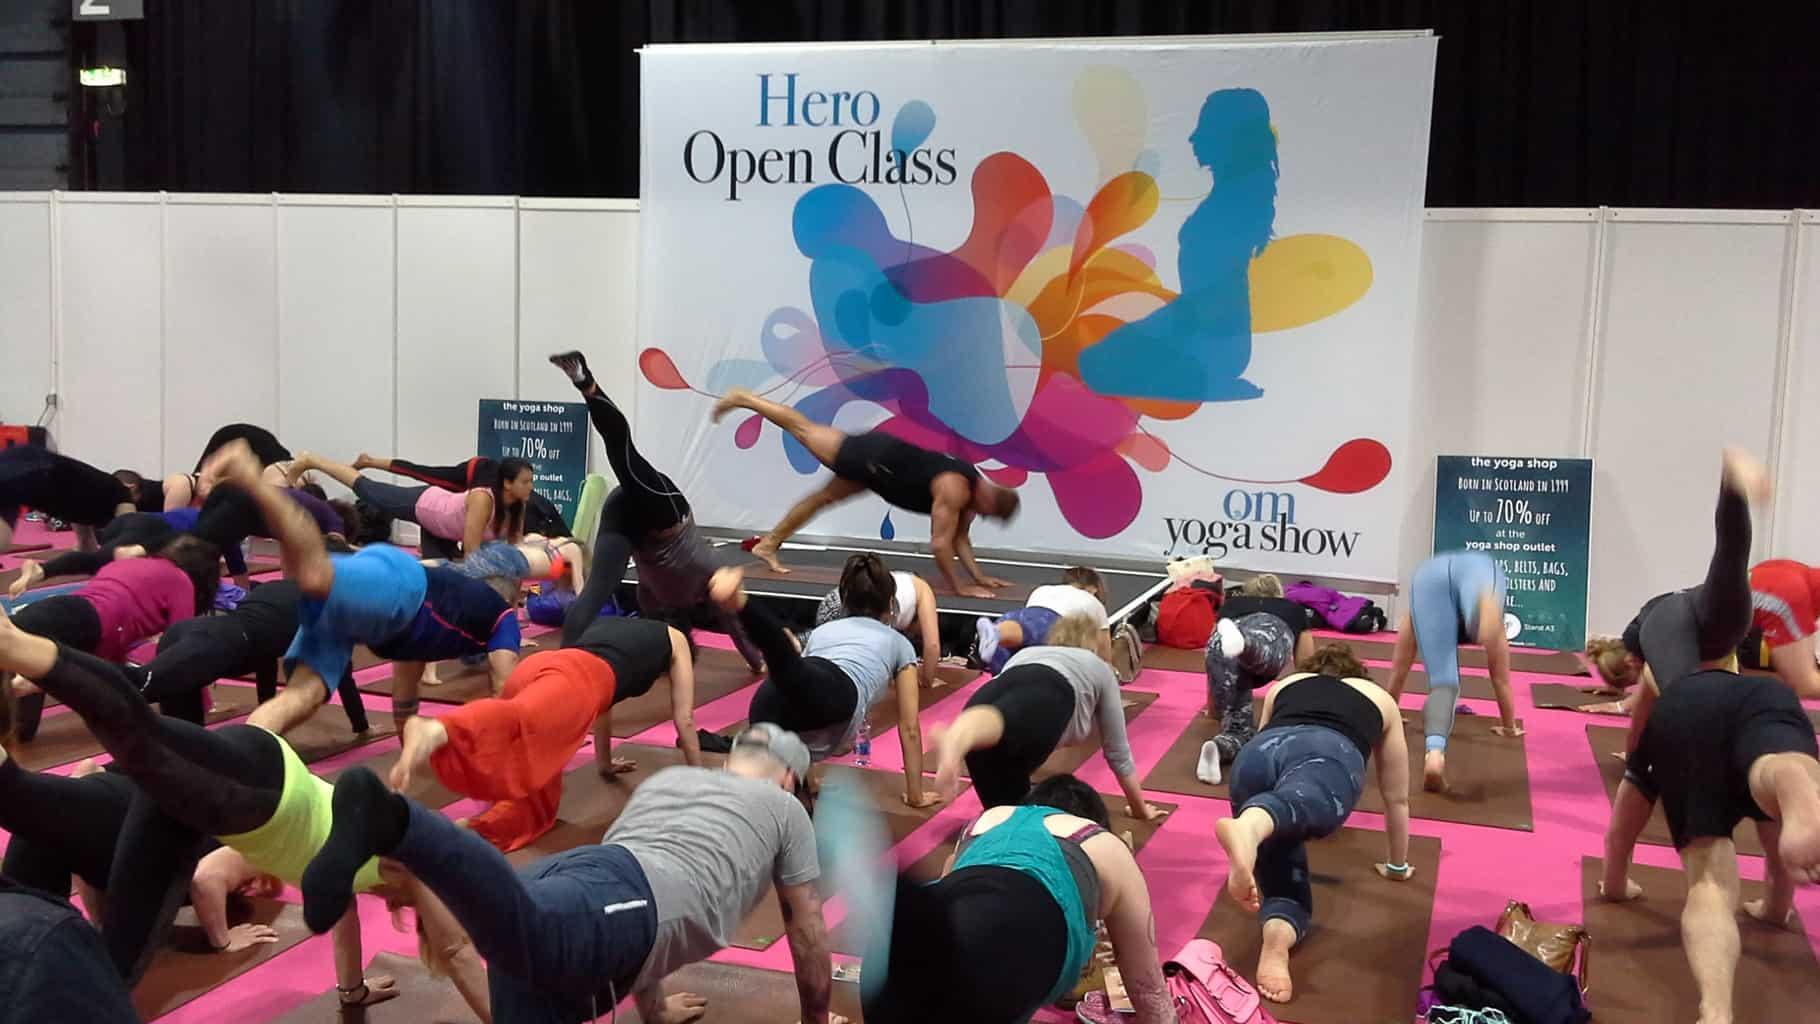 OM Yoga Show Glasgow Matt Miller